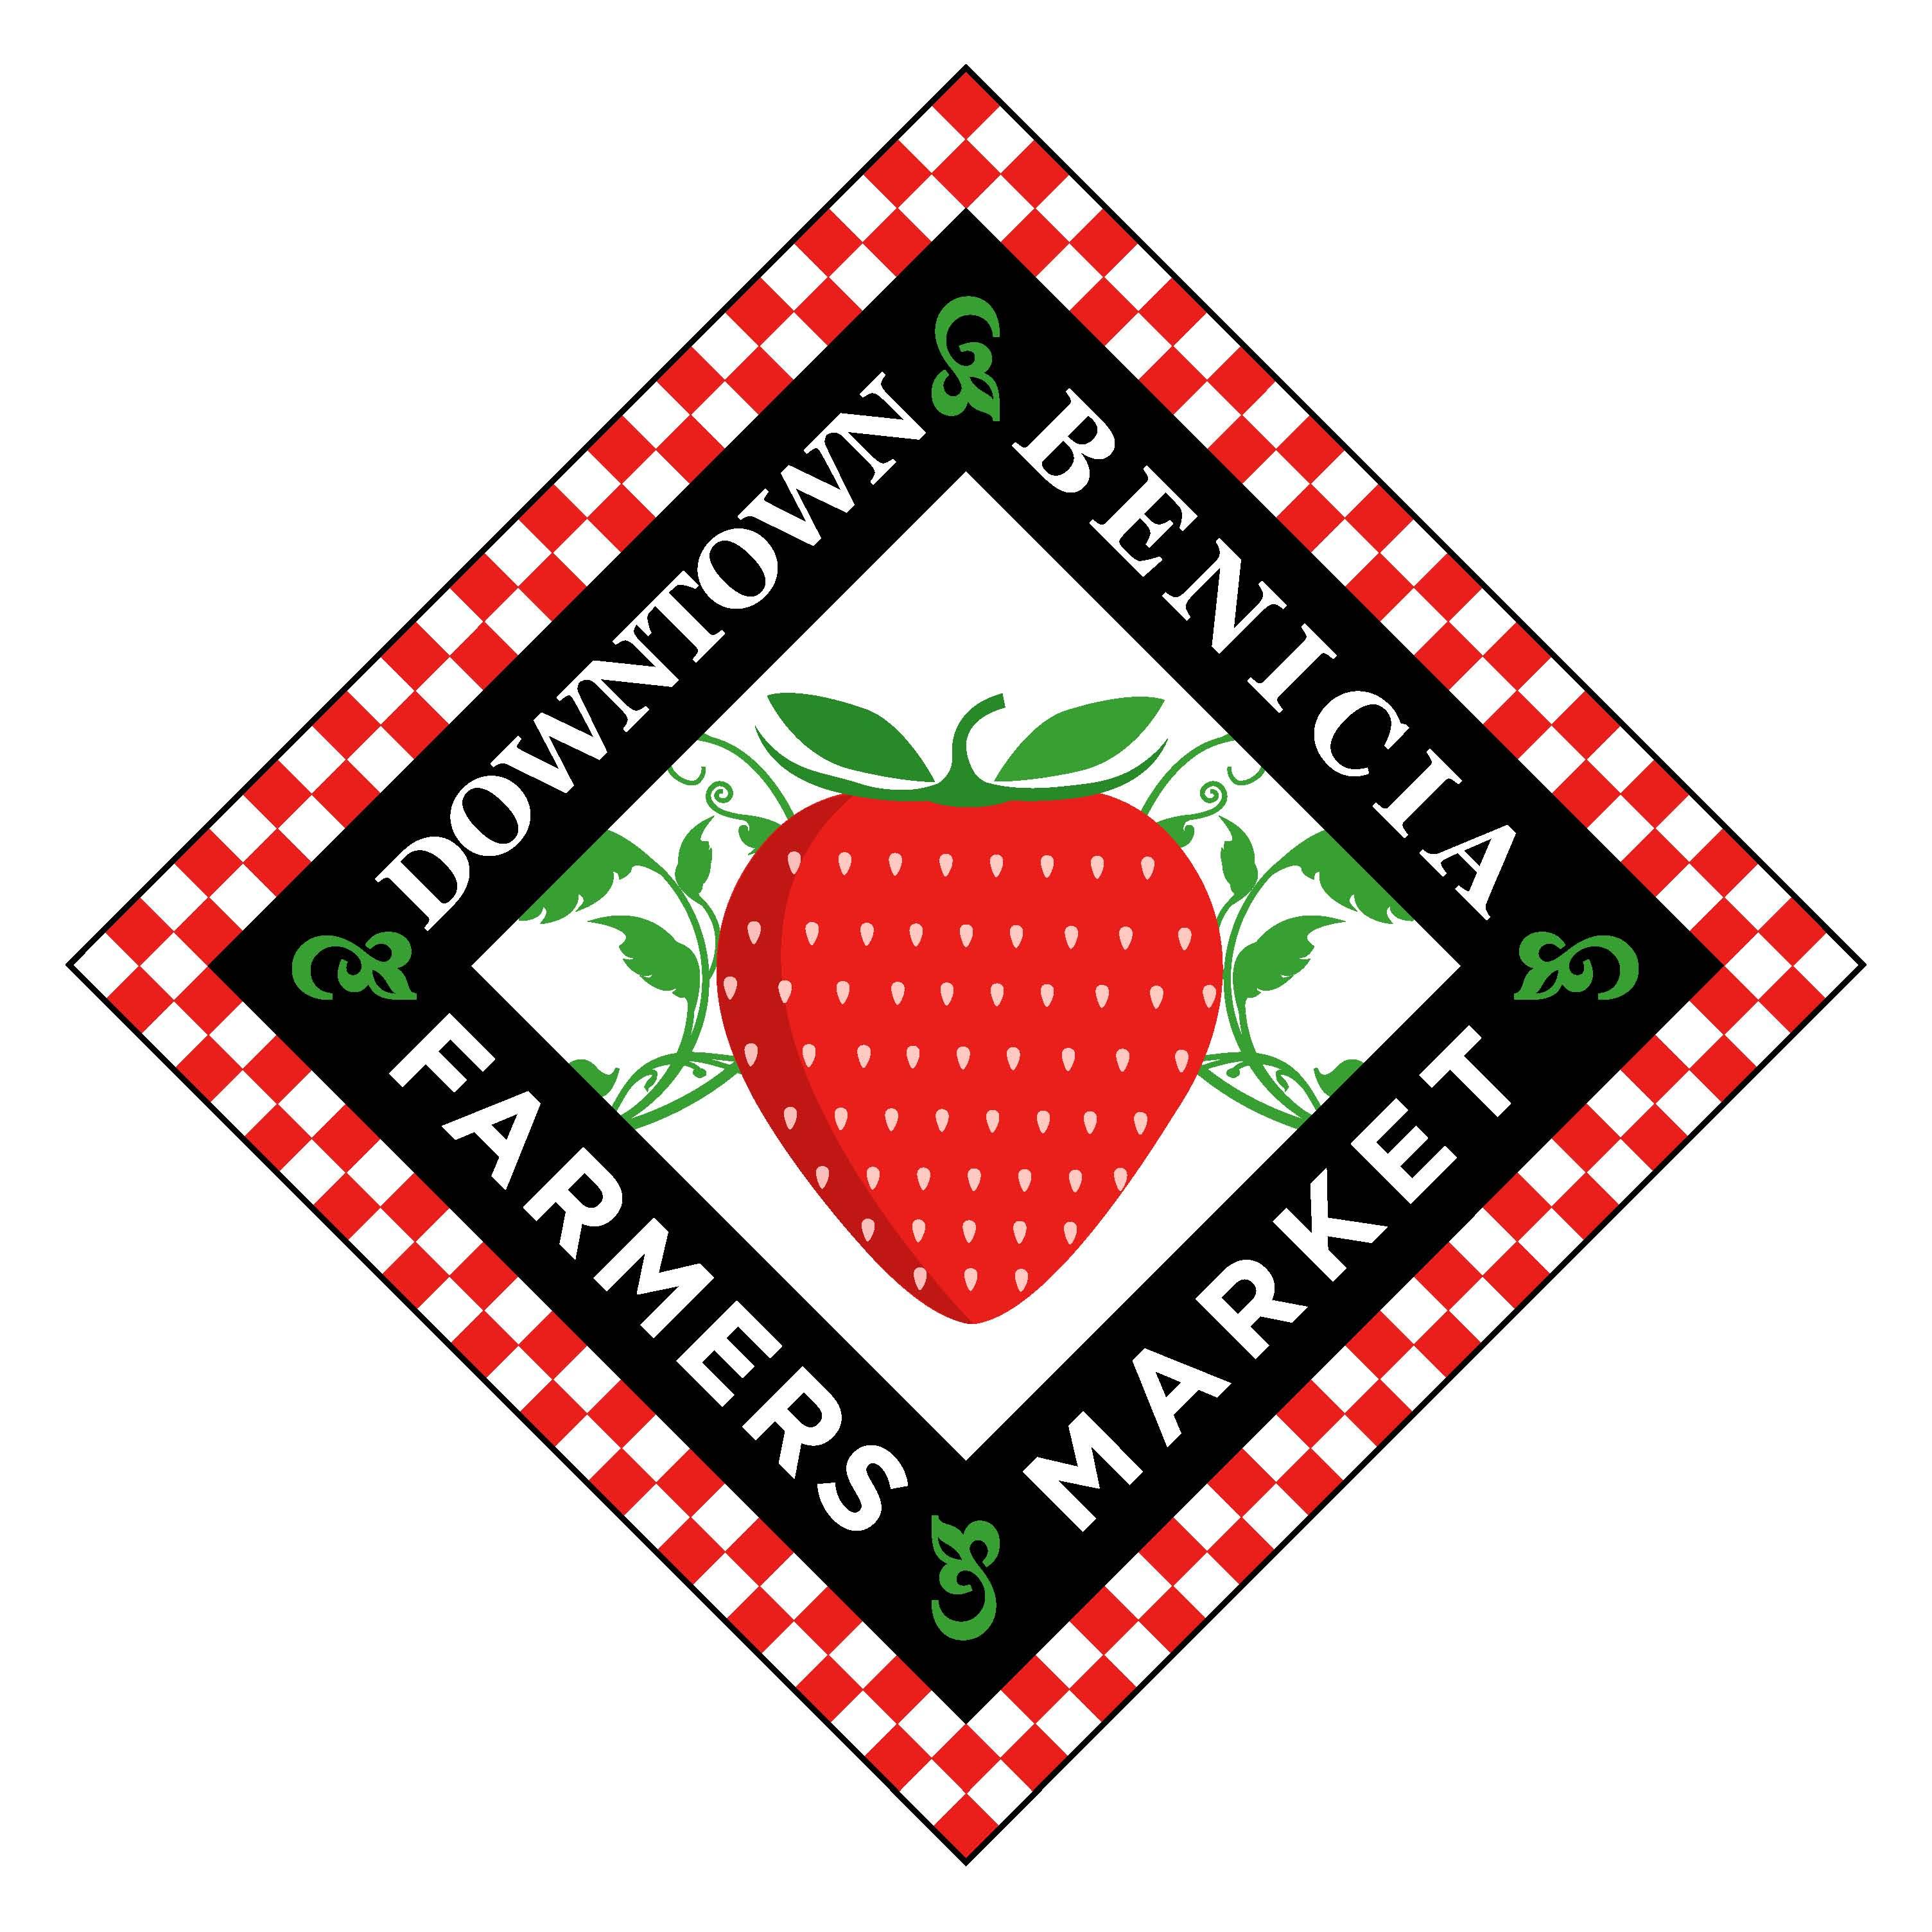 Benicia Certified Farmer's MarketOpens June 4th